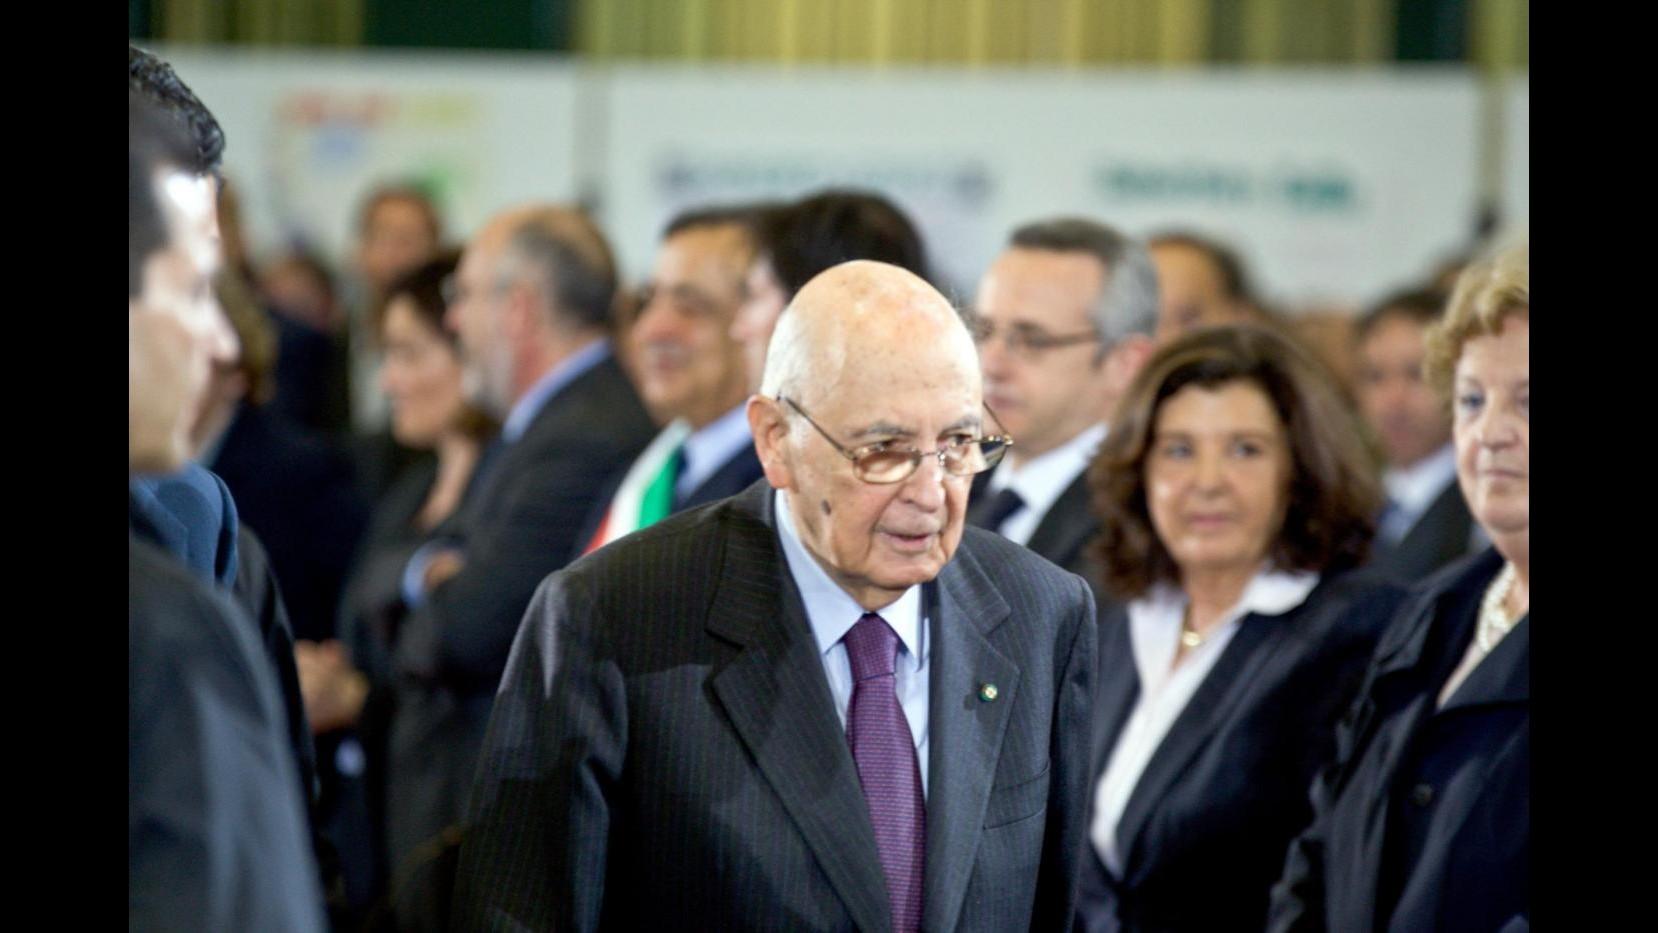 Sallusti, Napolitano-Saverino: Cambiare norme su diffamazione